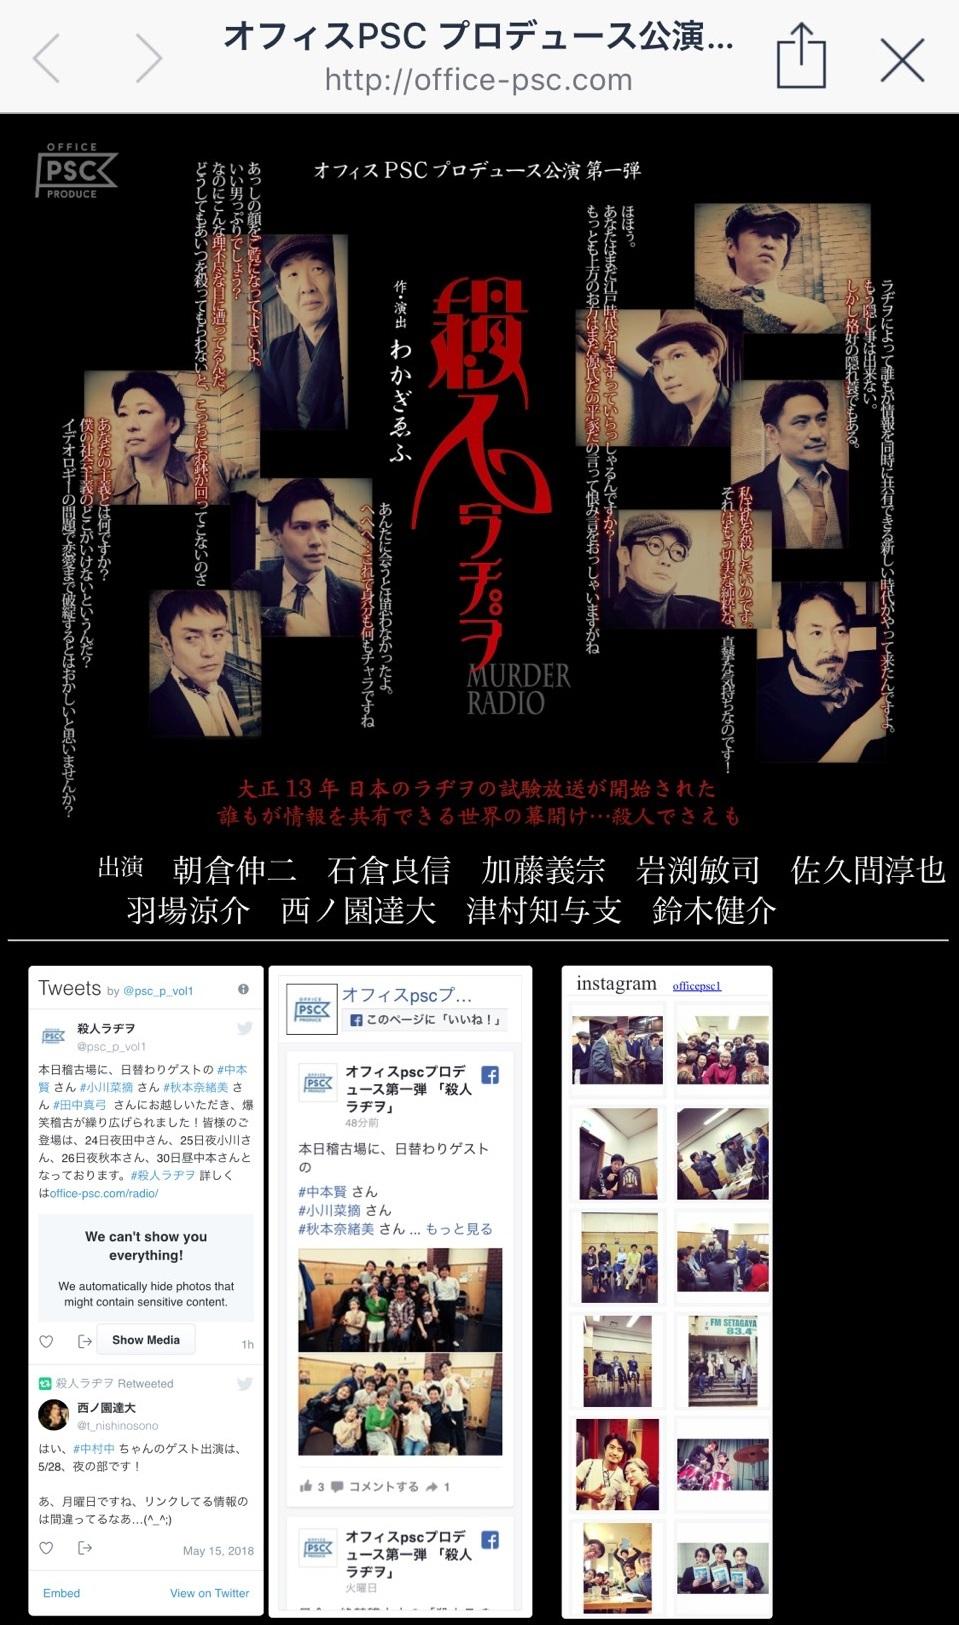 舞台 殺人ラジオ ゲスト_a0163623_22471206.jpg